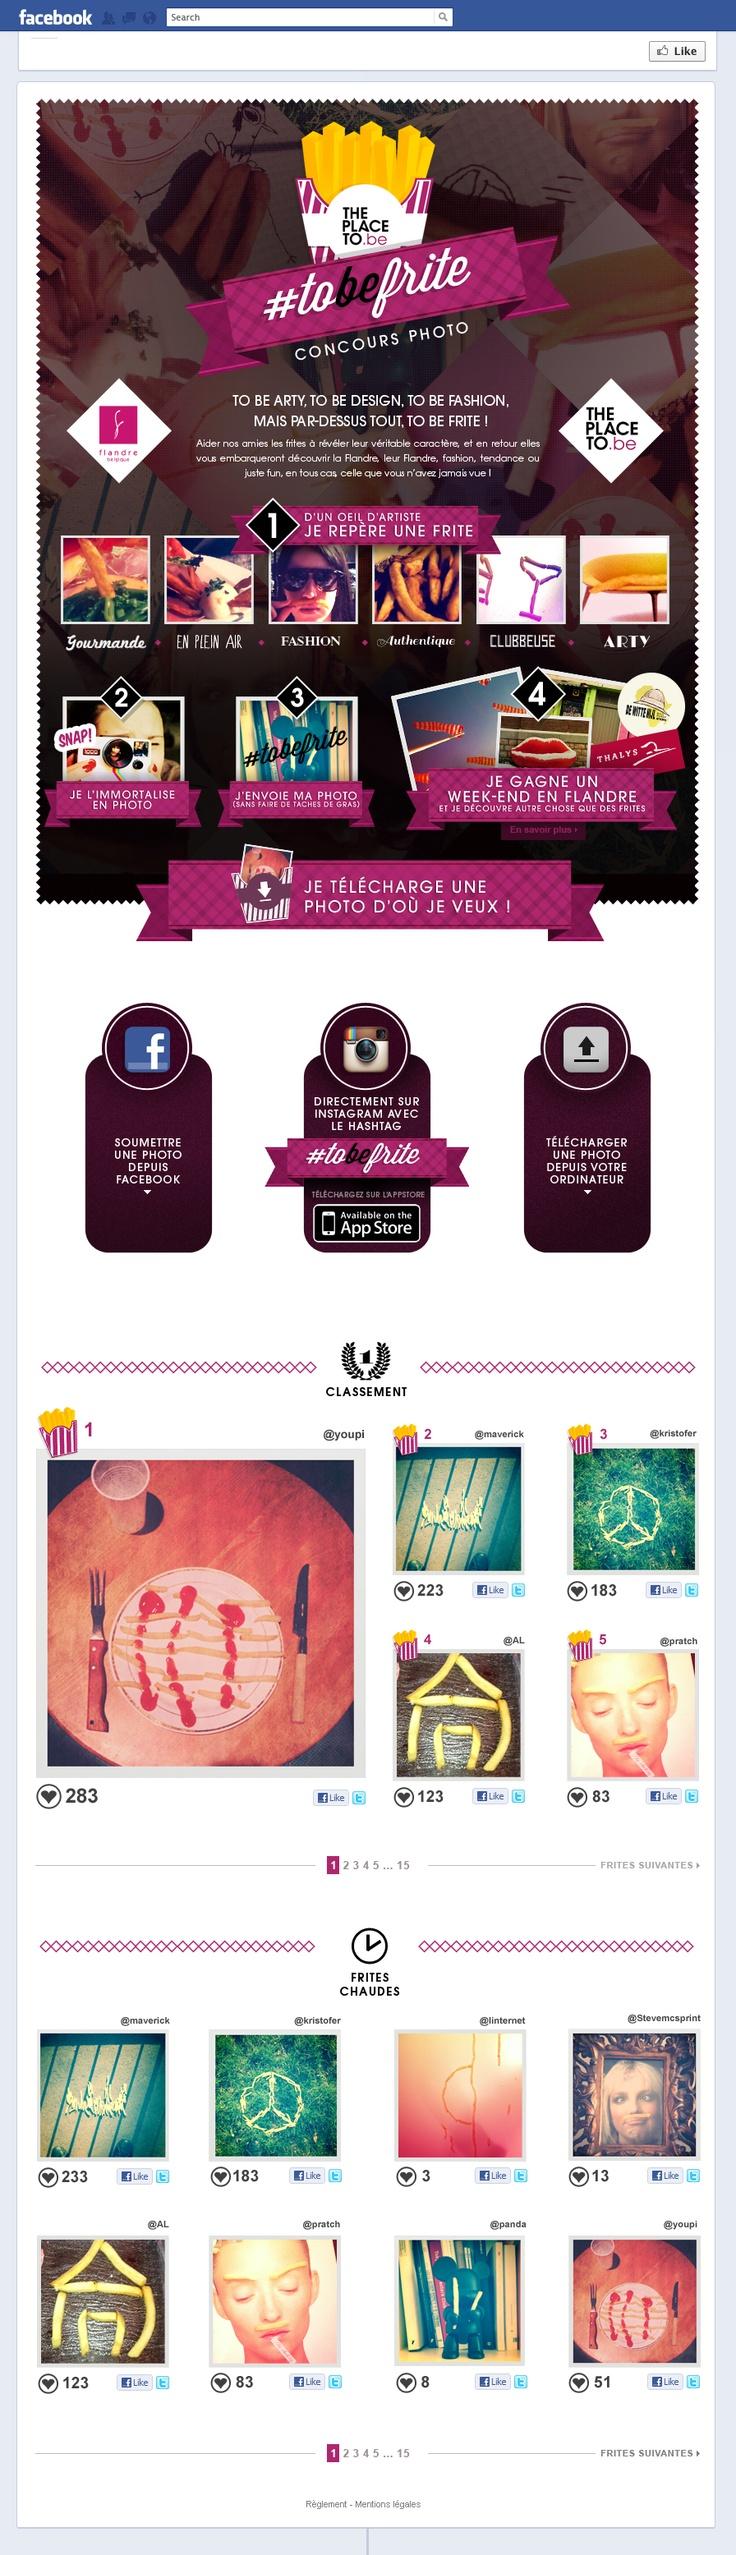 ToBeFrite - Photo Contest - Facebook & Instagram